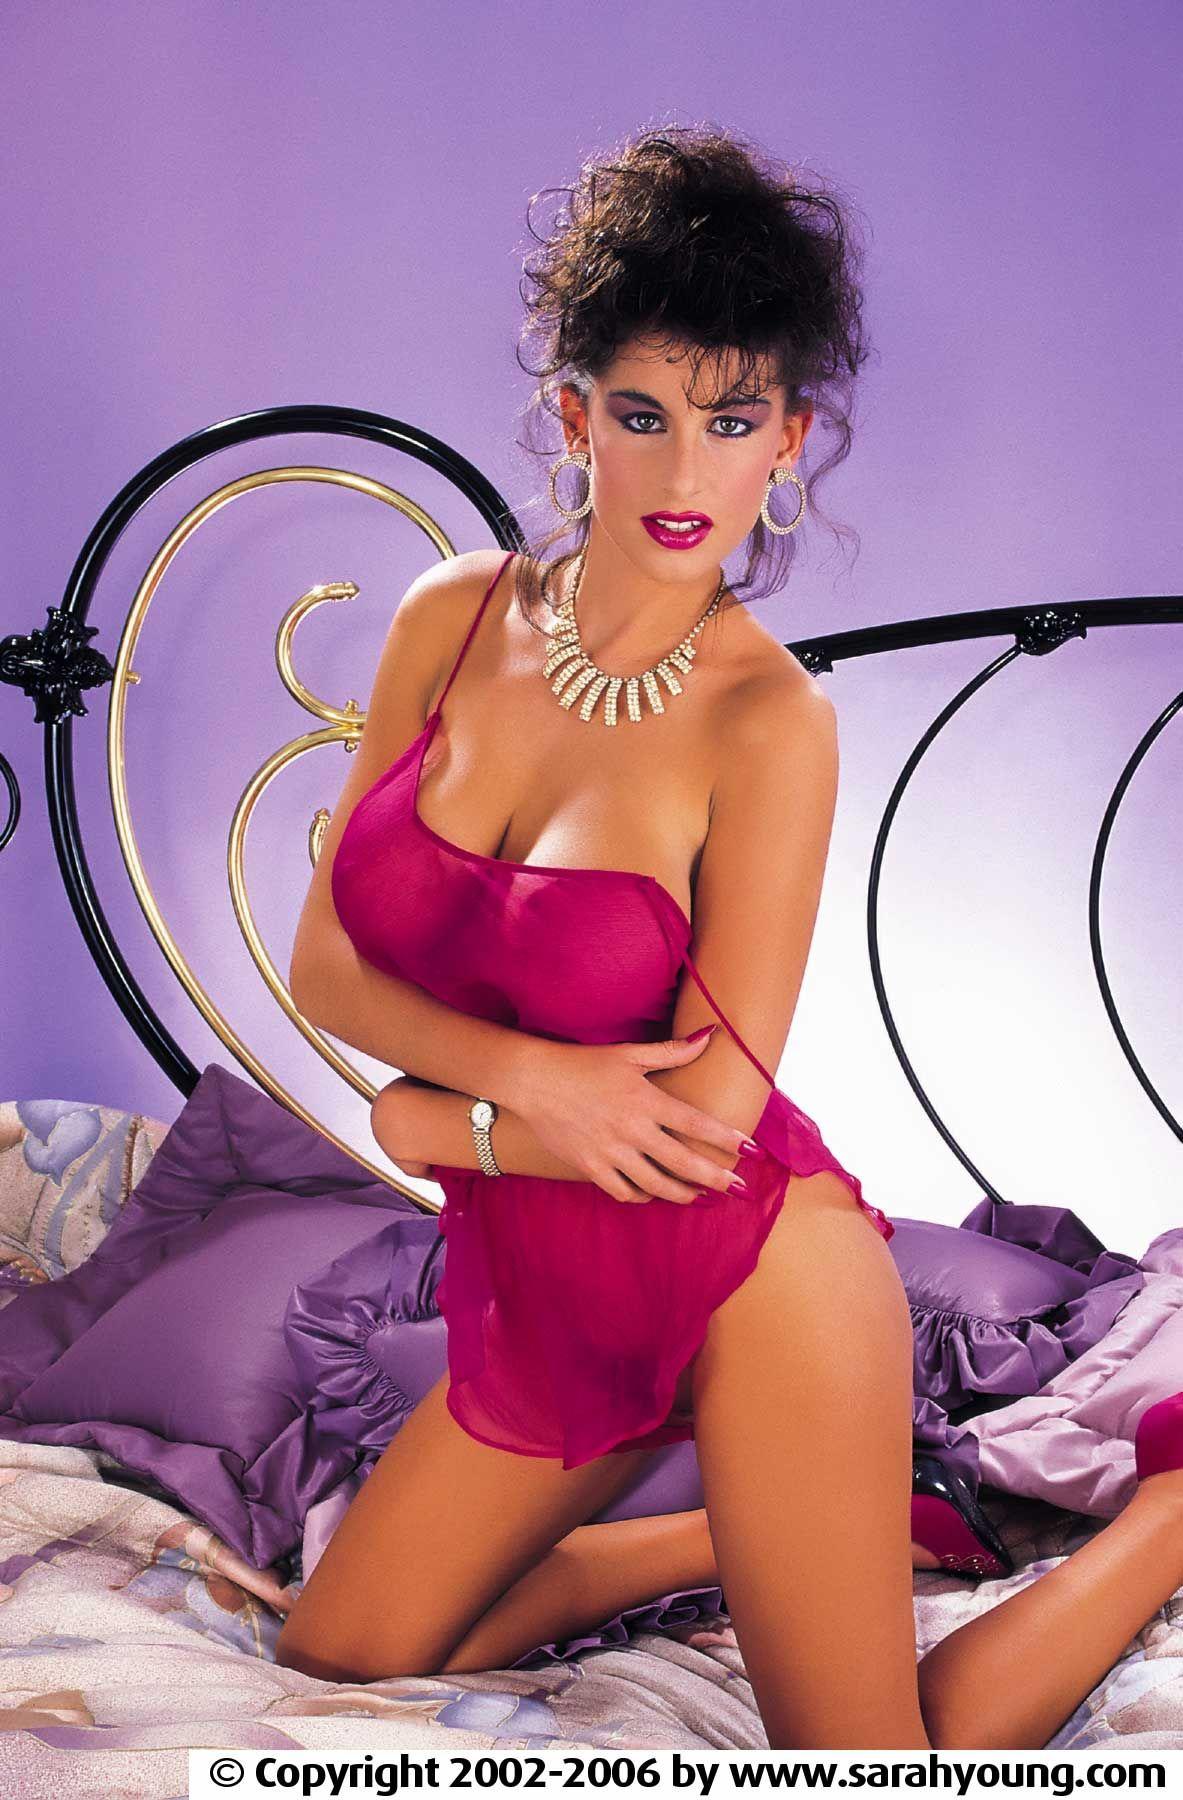 Sarah young retro